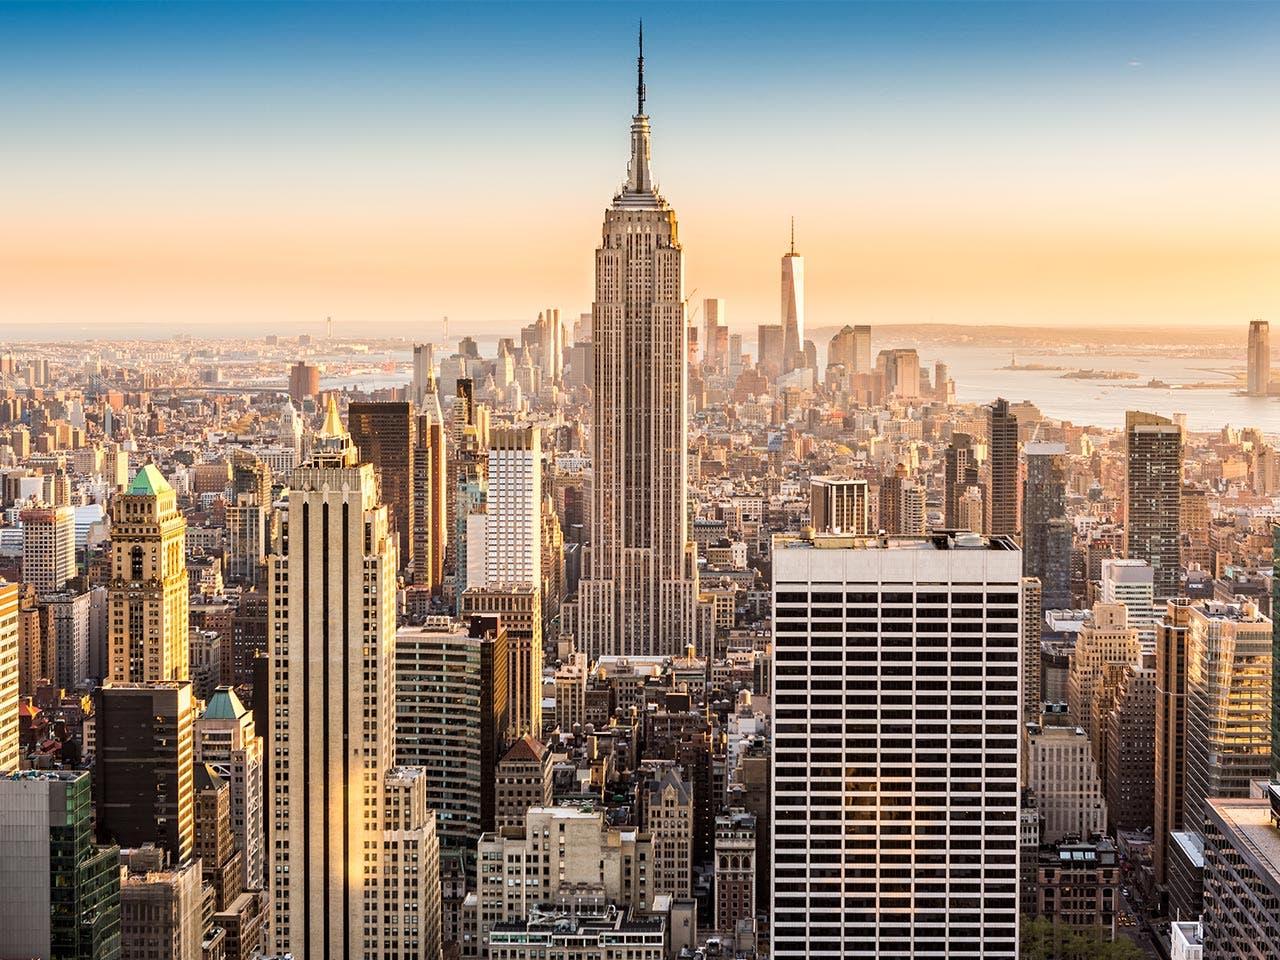 United States | mandritoiu/Shutterstock.com